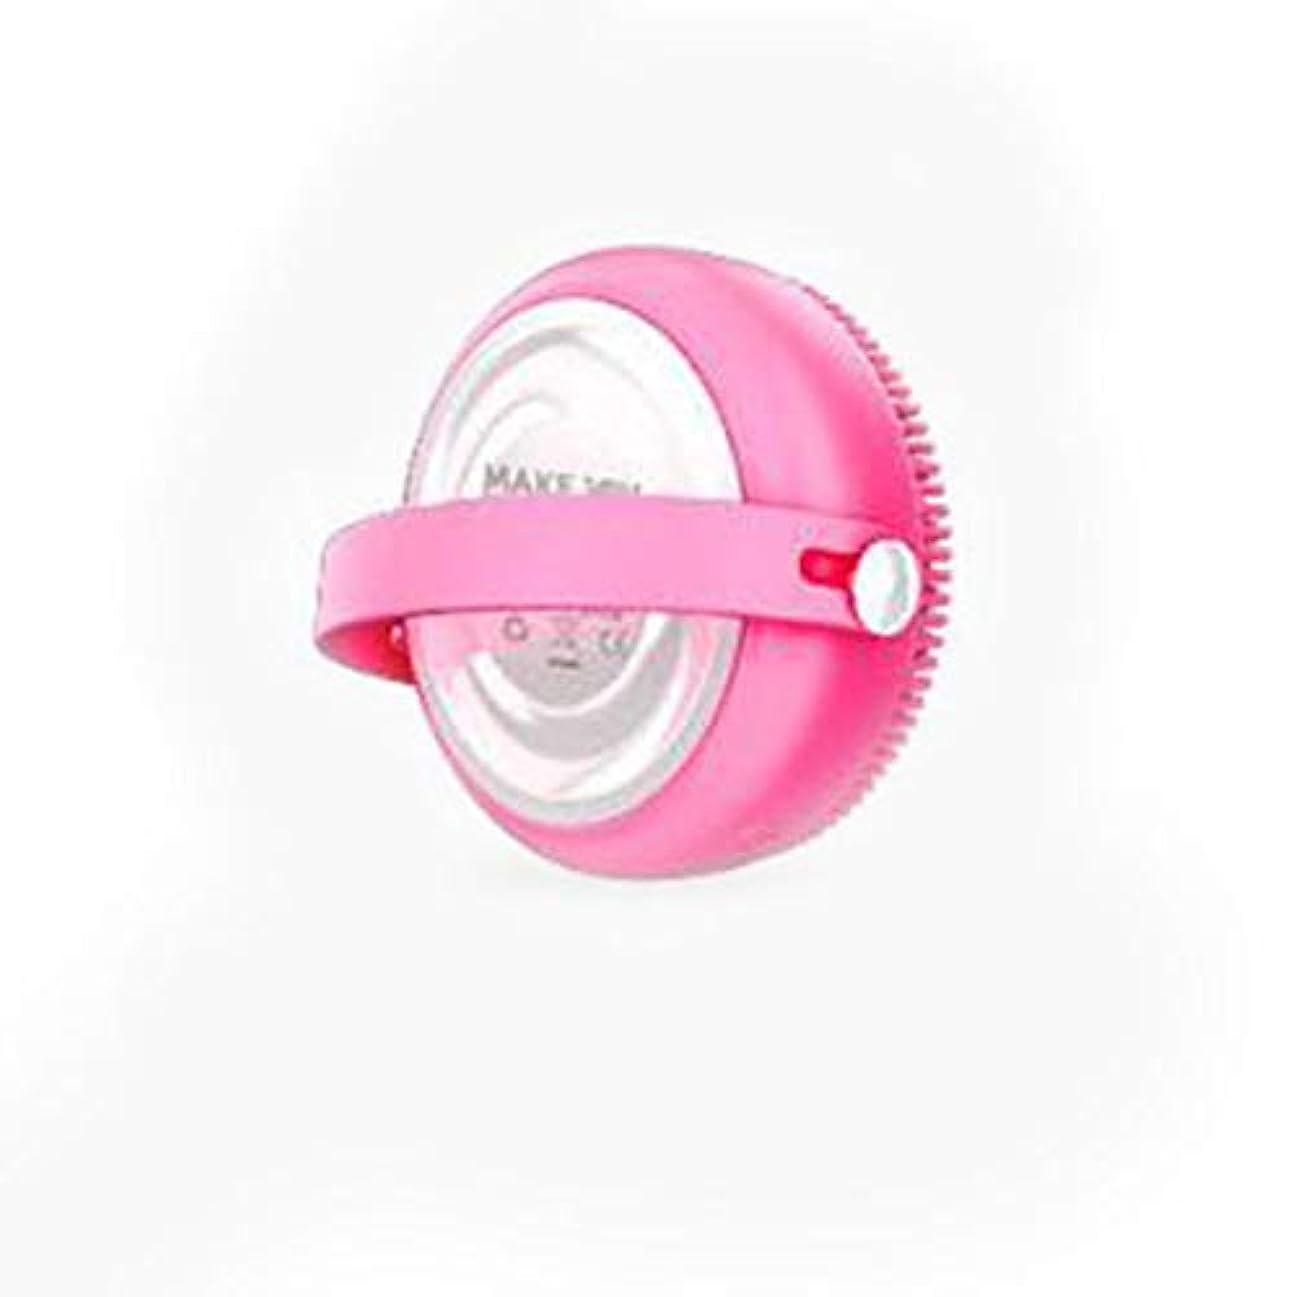 ソファー値する役割洗顔シリコーン電気クリーニングブラシ洗濯機ミニ超音波インテリジェントメモリクレンジング楽器洗浄ブラシ美容器械マッサージ,Red